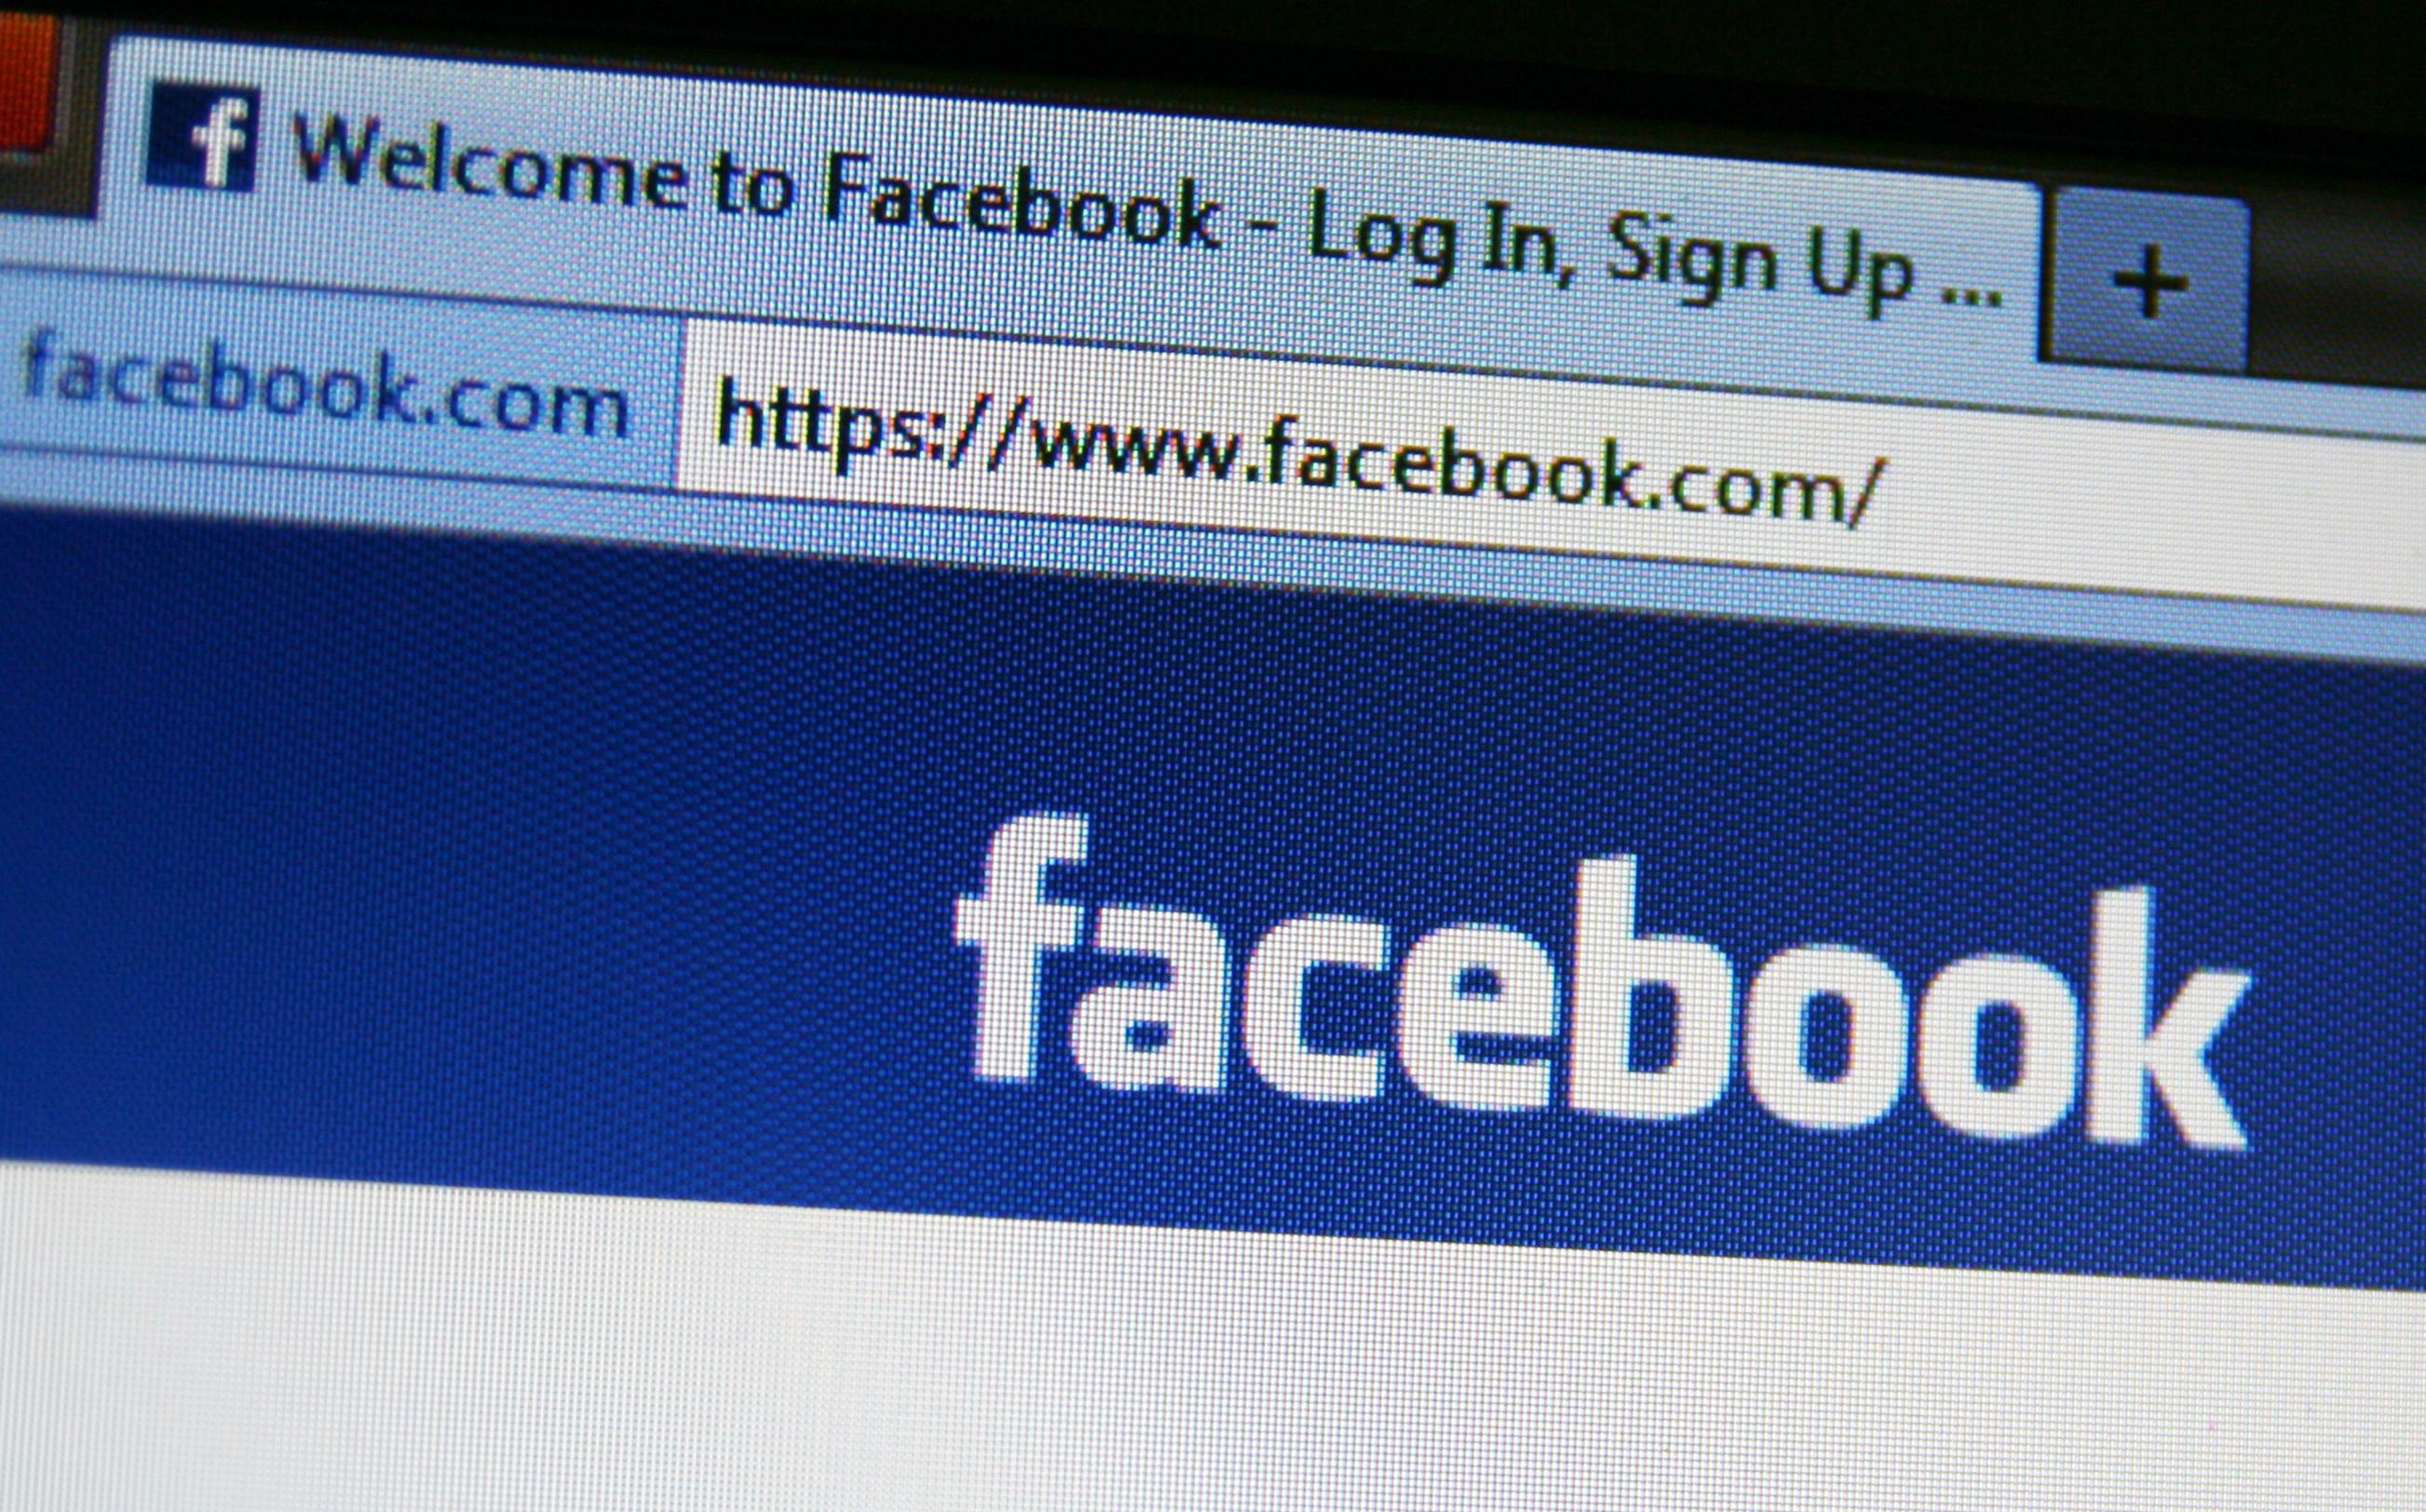 facebook-mais-fãs-ativos-e-engajamento-layerup-dicassociais